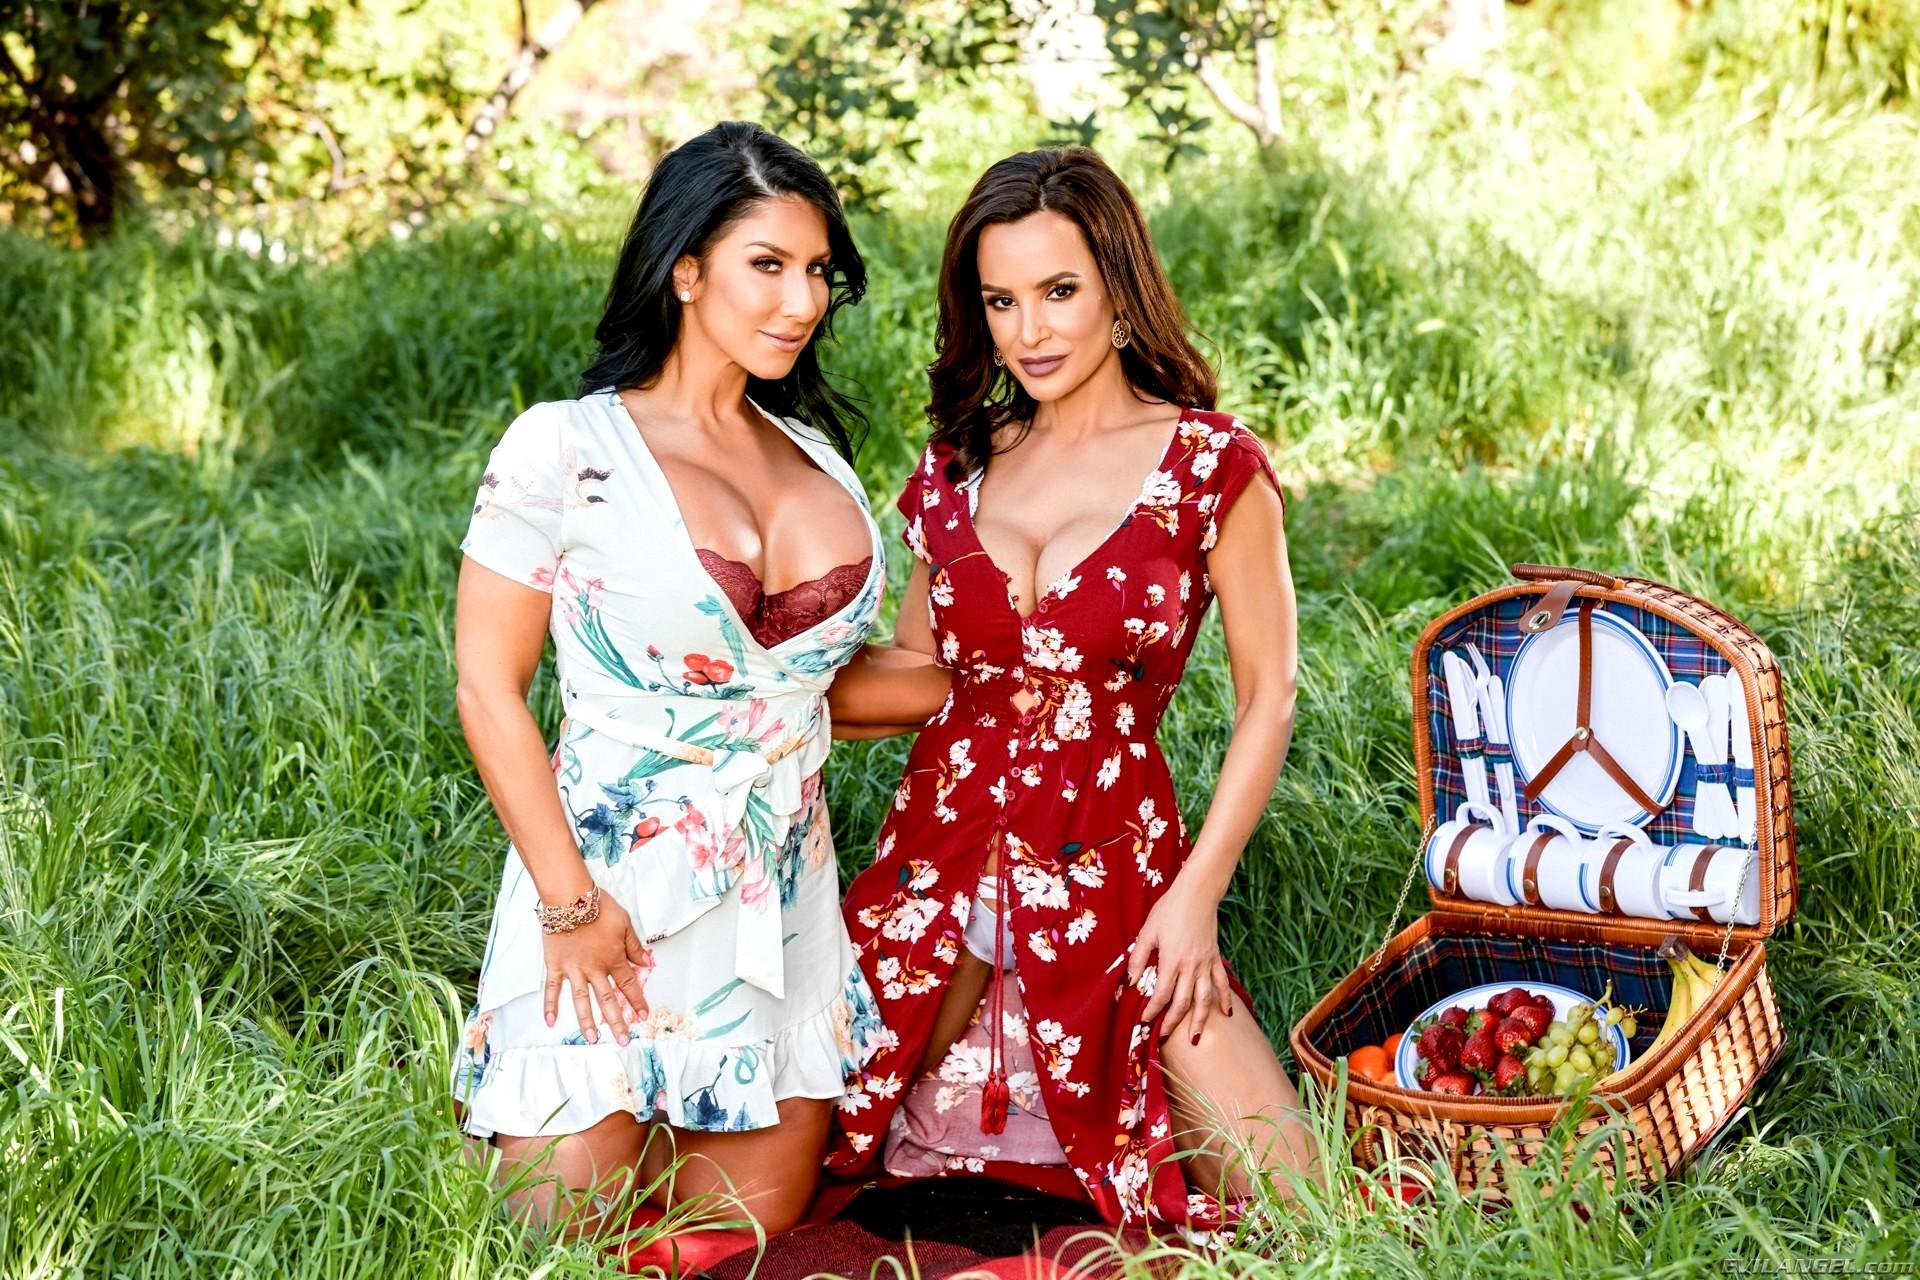 Evil Angel Lisa Ann Ricky Johnson Raven Hart Alljapanesepassxxx Threesome Cerah Sex Hd -4072